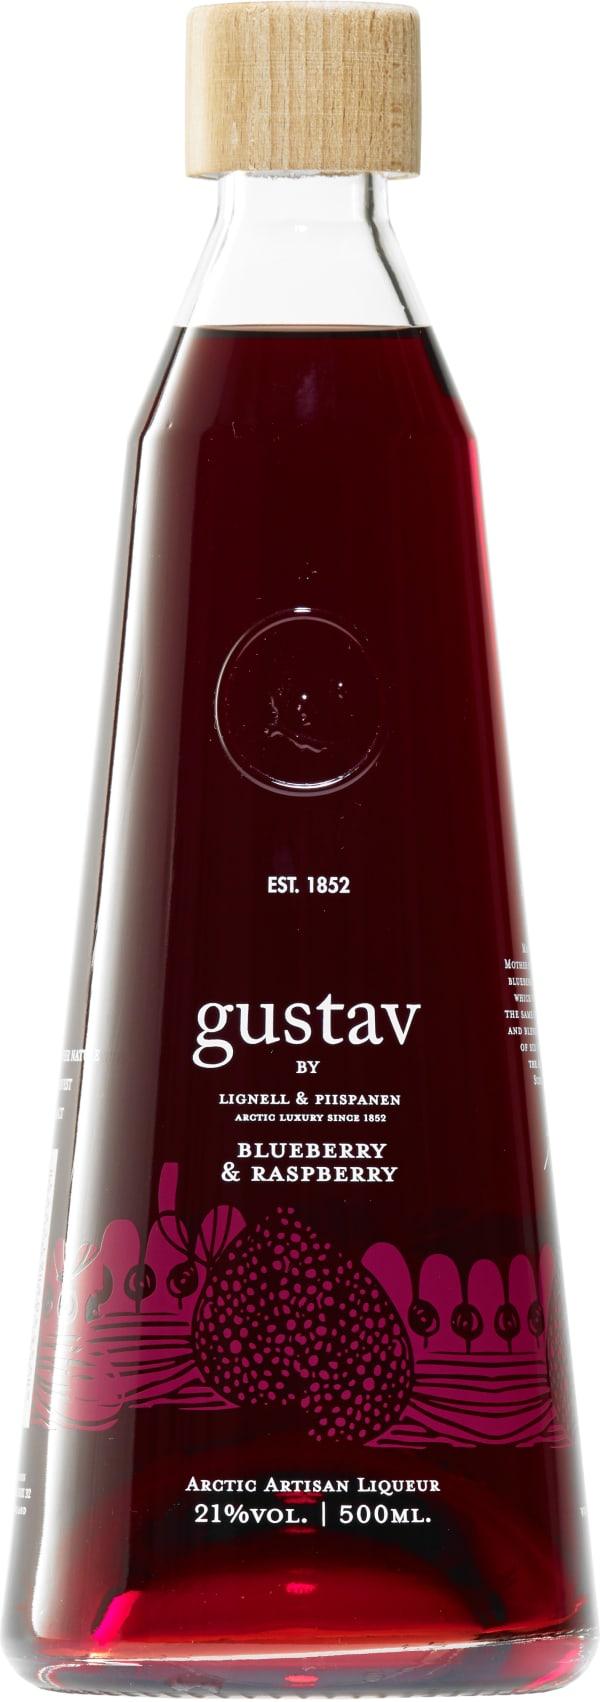 Gustav Blueberry & Raspberry